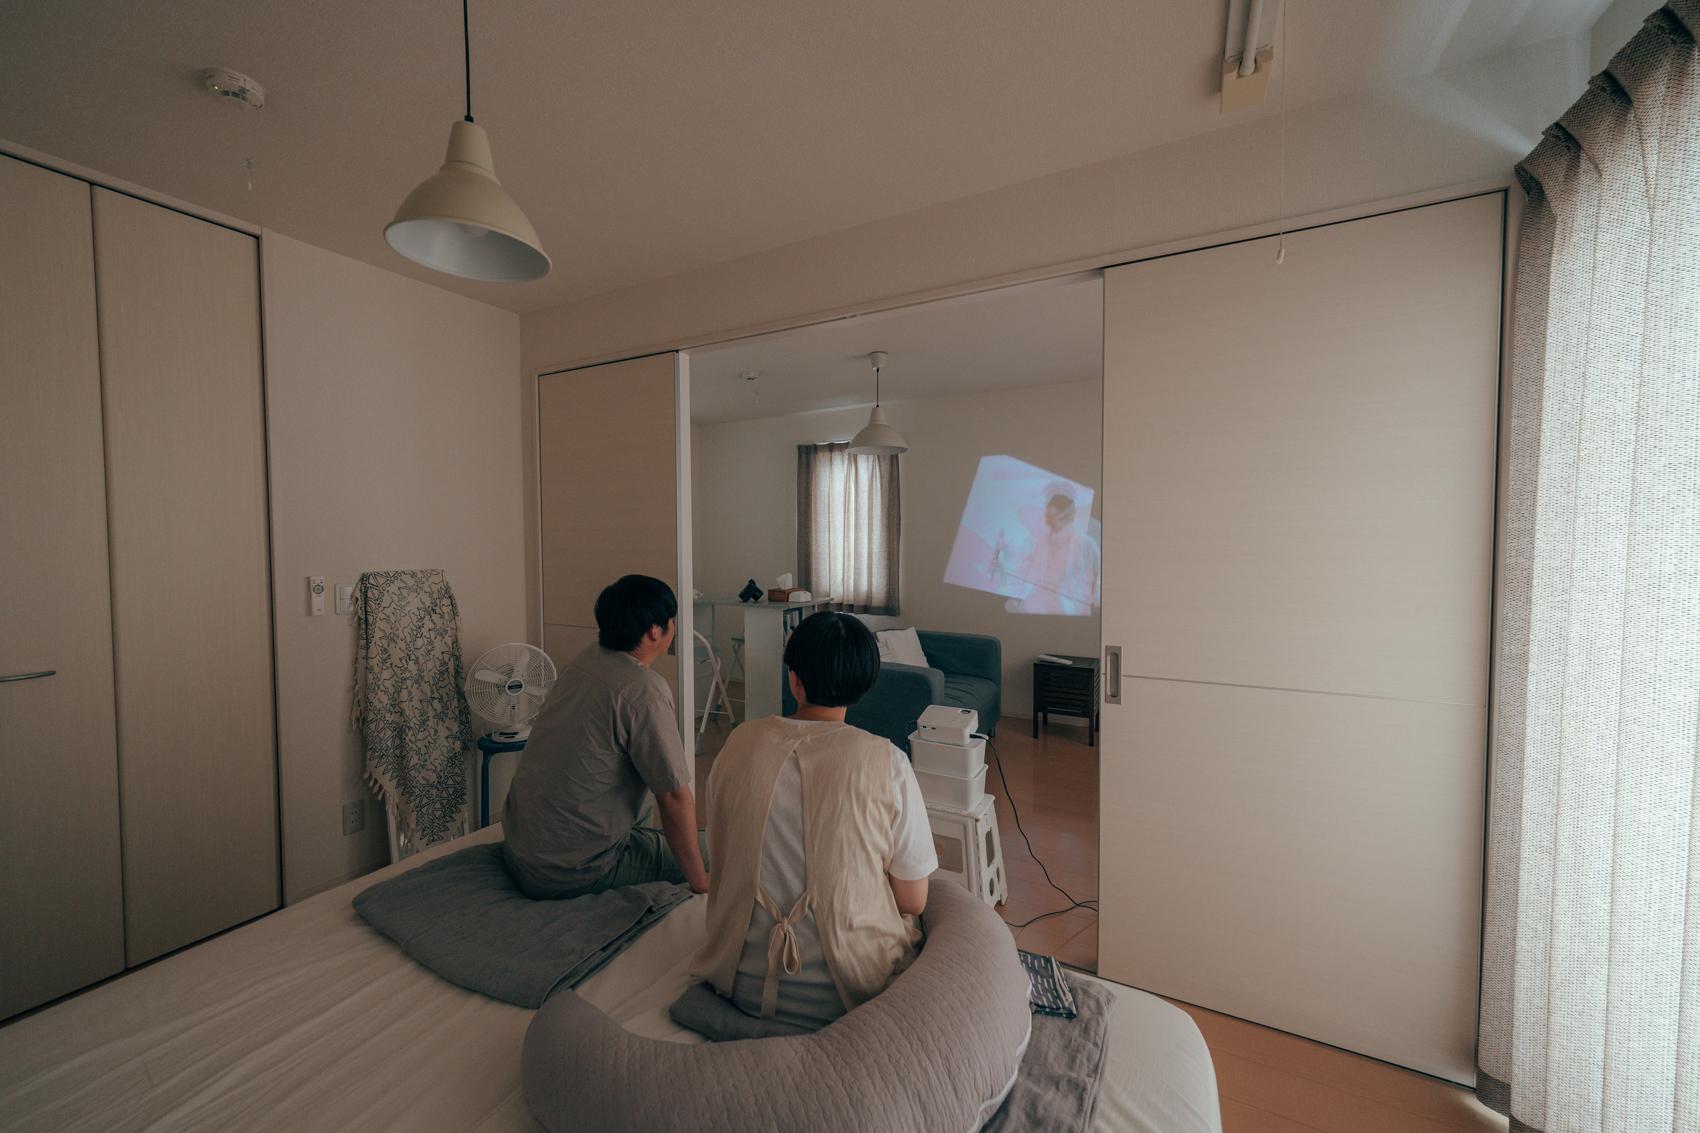 白く、日当たりの良い寝室は夜になると、全く異なる空間に様変わり。 「寝室の向かいにある壁はあえて何も飾らないようにすることで、ホームシアターのような空間を作り上げています。」